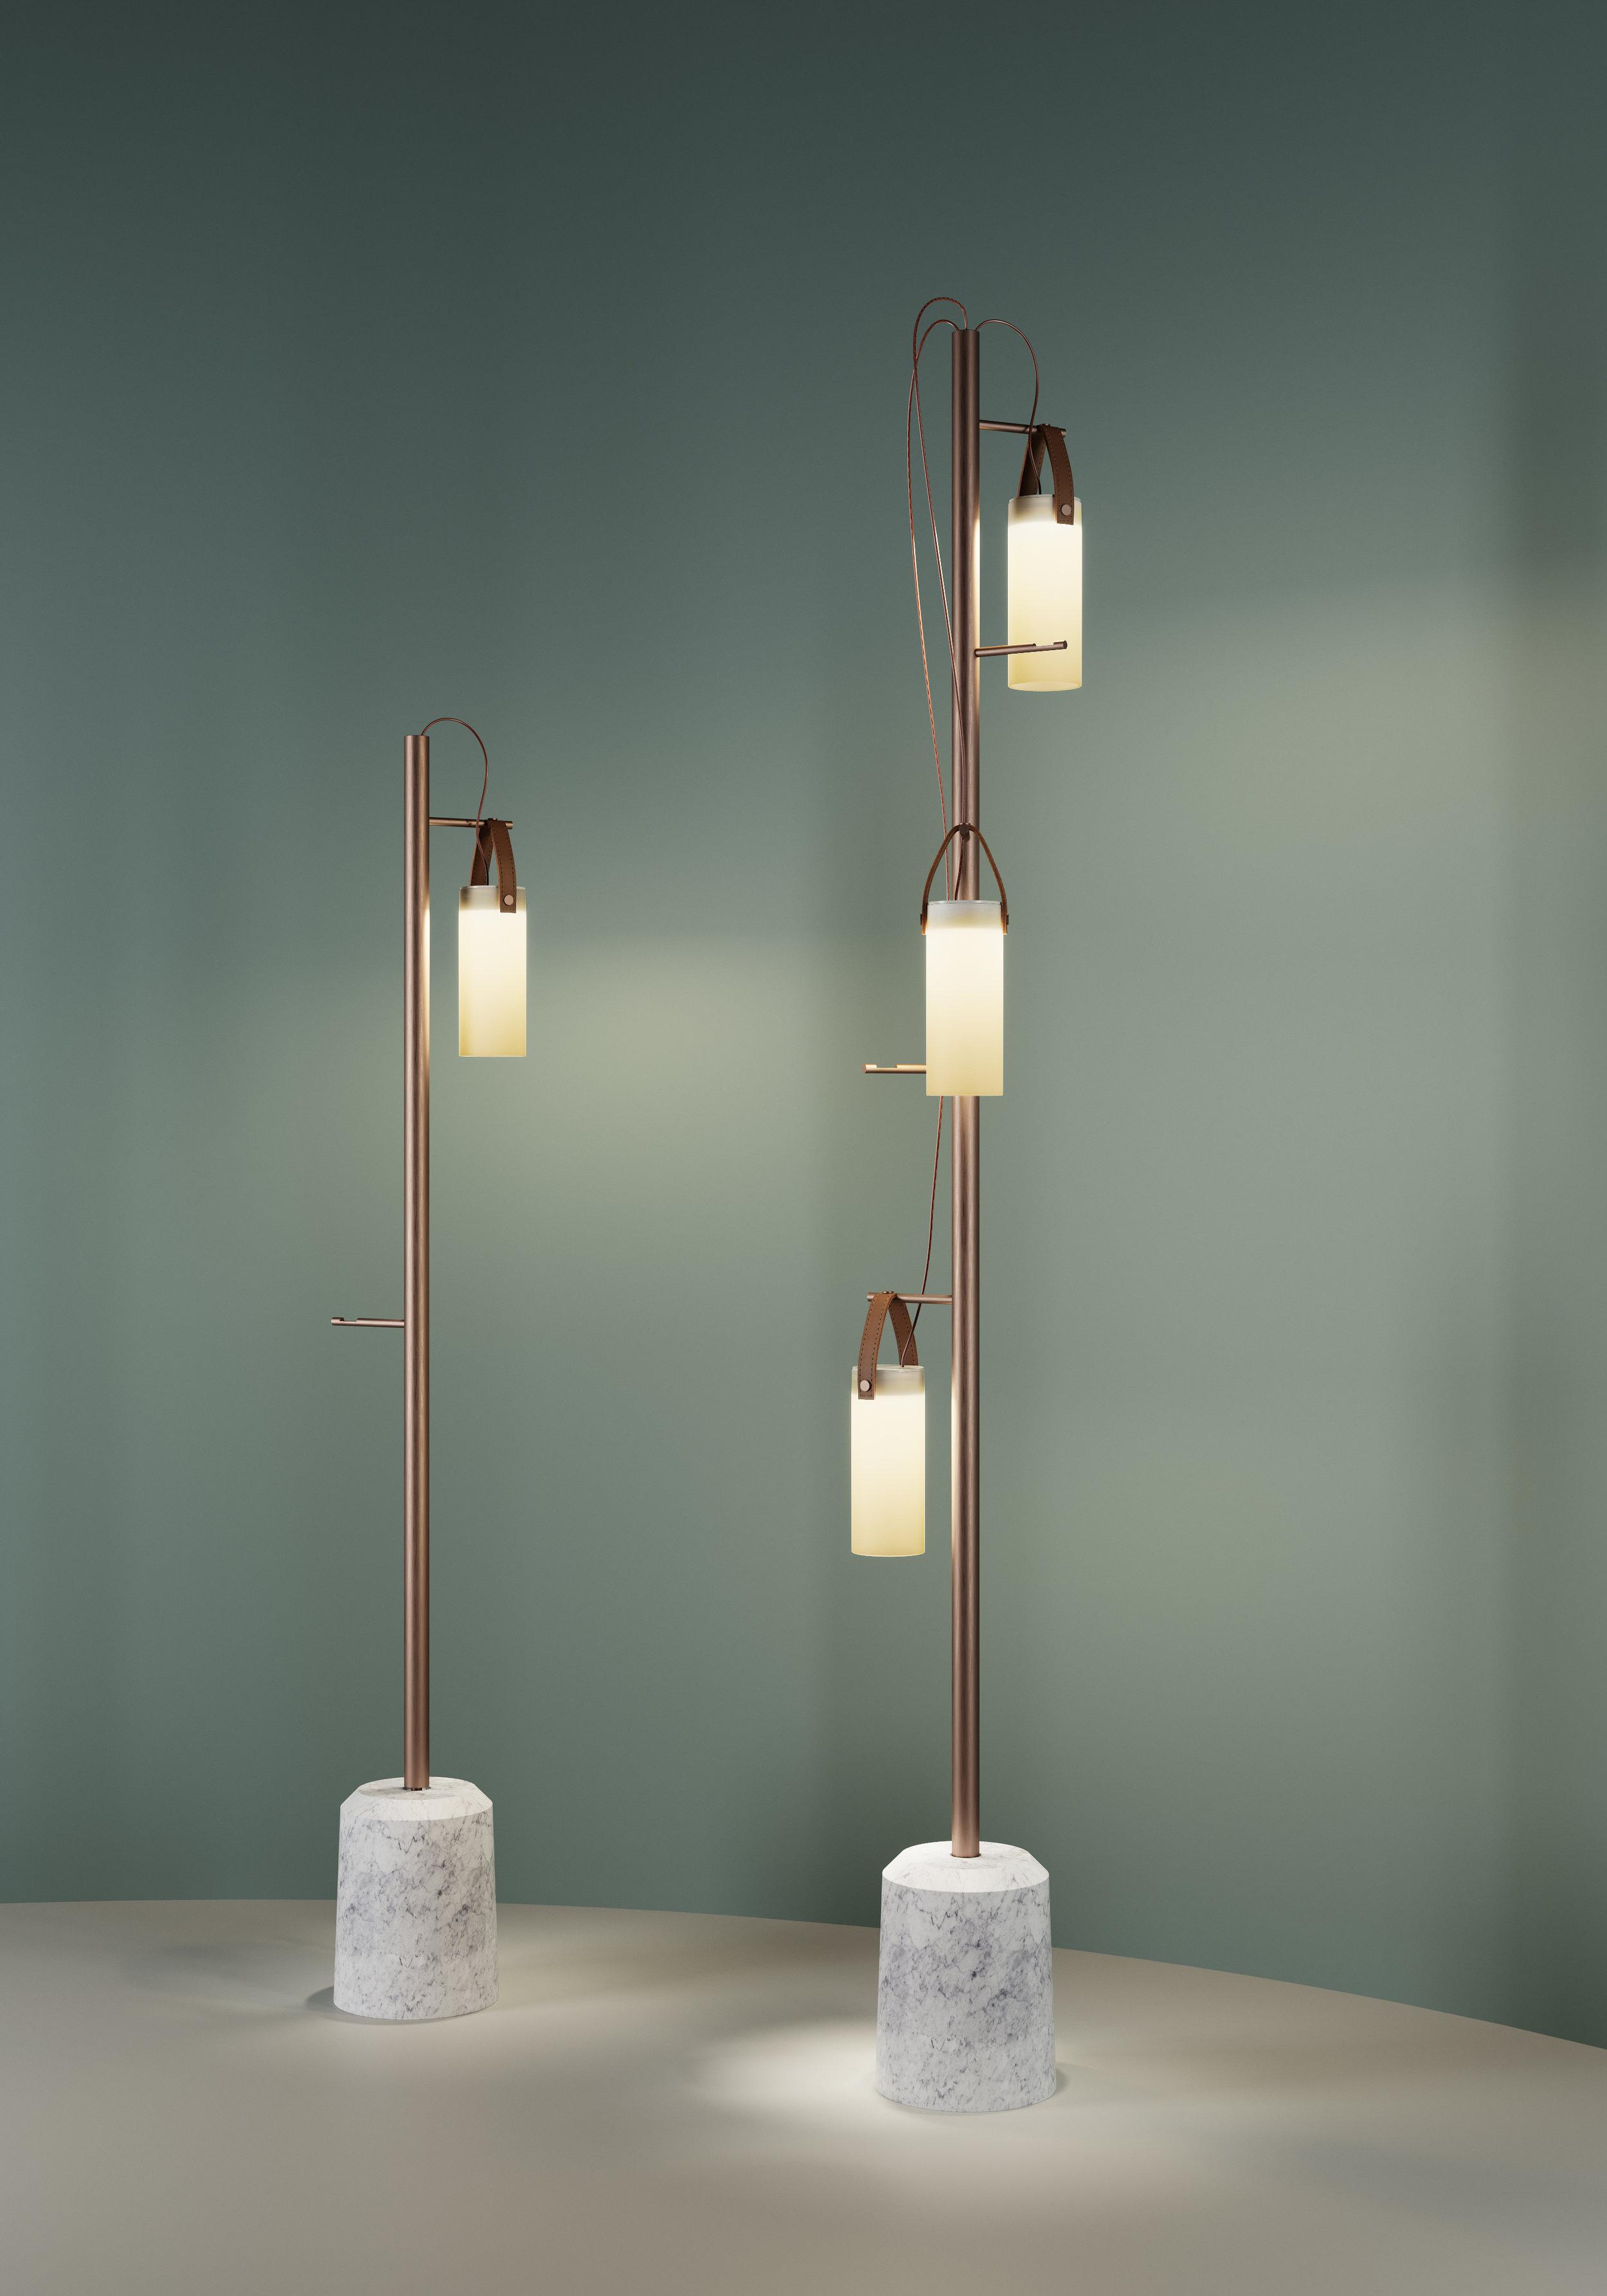 Galerie  floor lamp, designed by Federico Peri for  FontanaArte